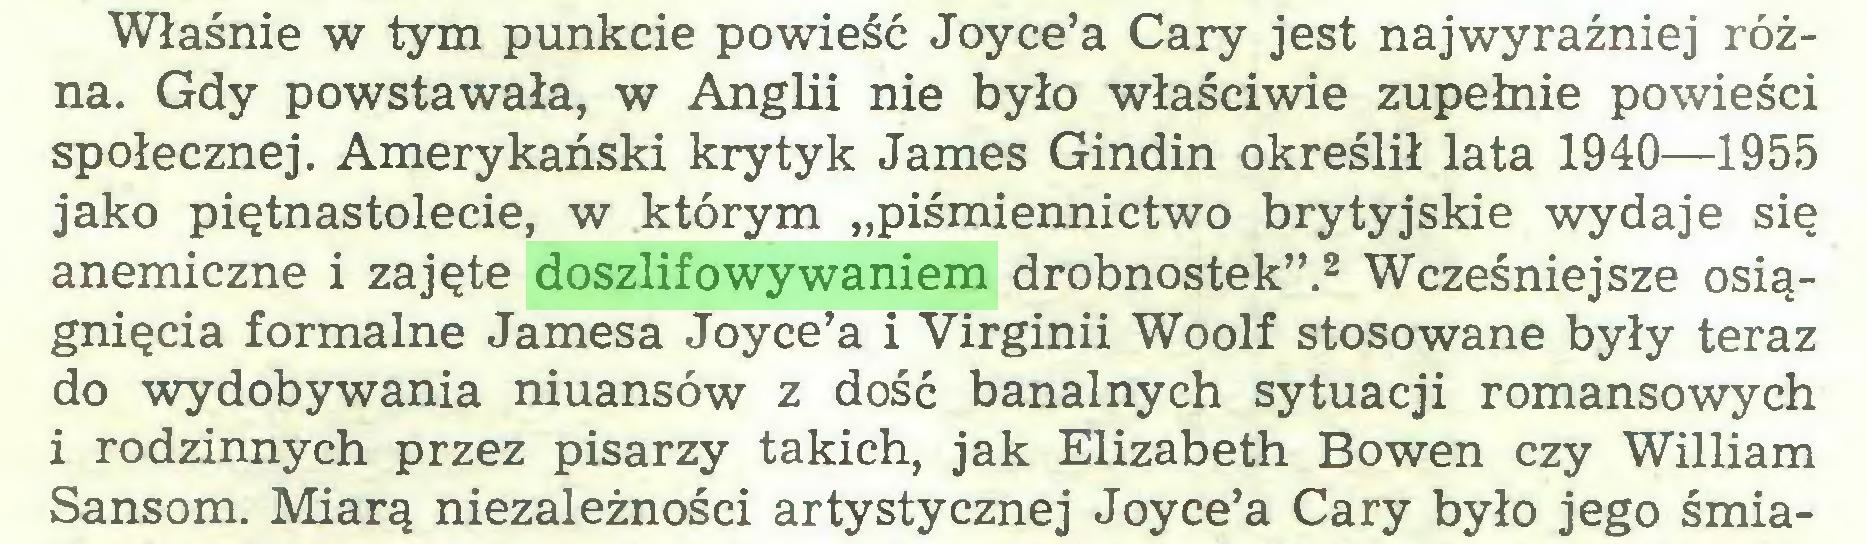 """(...) Właśnie w tym punkcie powieść Joyce'a Cary jest najwyraźniej różna. Gdy powstawała, w Anglii nie było właściwie zupełnie powieści społecznej. Amerykański krytyk James Gindin określił lata 1940—1955 jako piętnastolecie, w którym """"piśmiennictwo brytyjskie wydaje się anemiczne i zajęte doszlifowywaniem drobnostek"""".2 Wcześniejsze osiągnięcia formalne Jamesa Joyce'a i Virginii Woolf stosowane były teraz do wydobywania niuansów z dość banalnych sytuacji romansowych i rodzinnych przez pisarzy takich, jak Elizabeth Bowen czy William Sansom. Miarą niezależności artystycznej Joyce'a Cary było jego śmia..."""